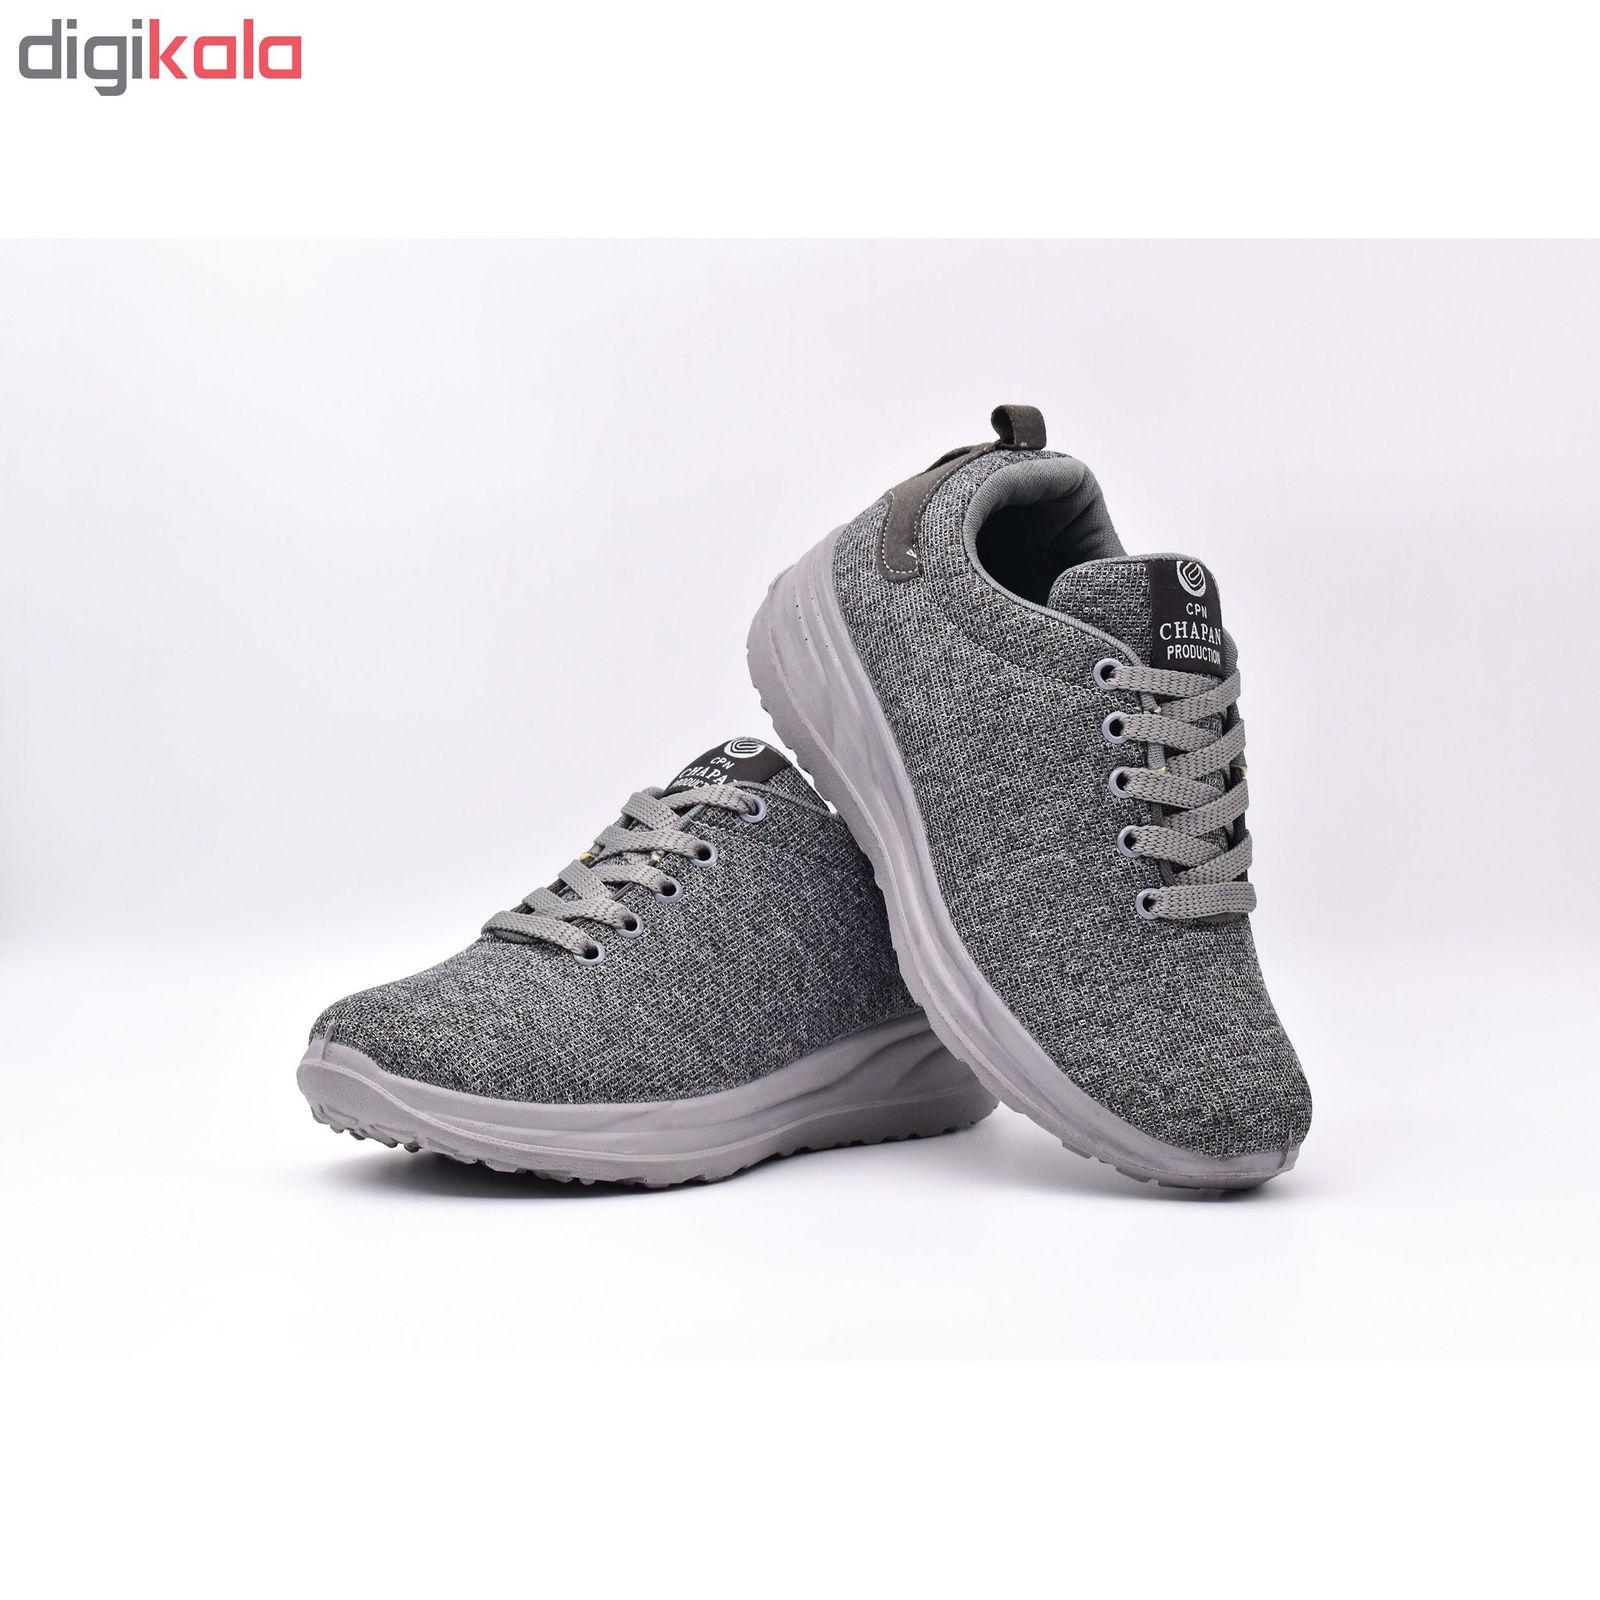 کفش مخصوص پیاده روی زنانه سی پی ان طرح چپان کد 5679 main 1 4